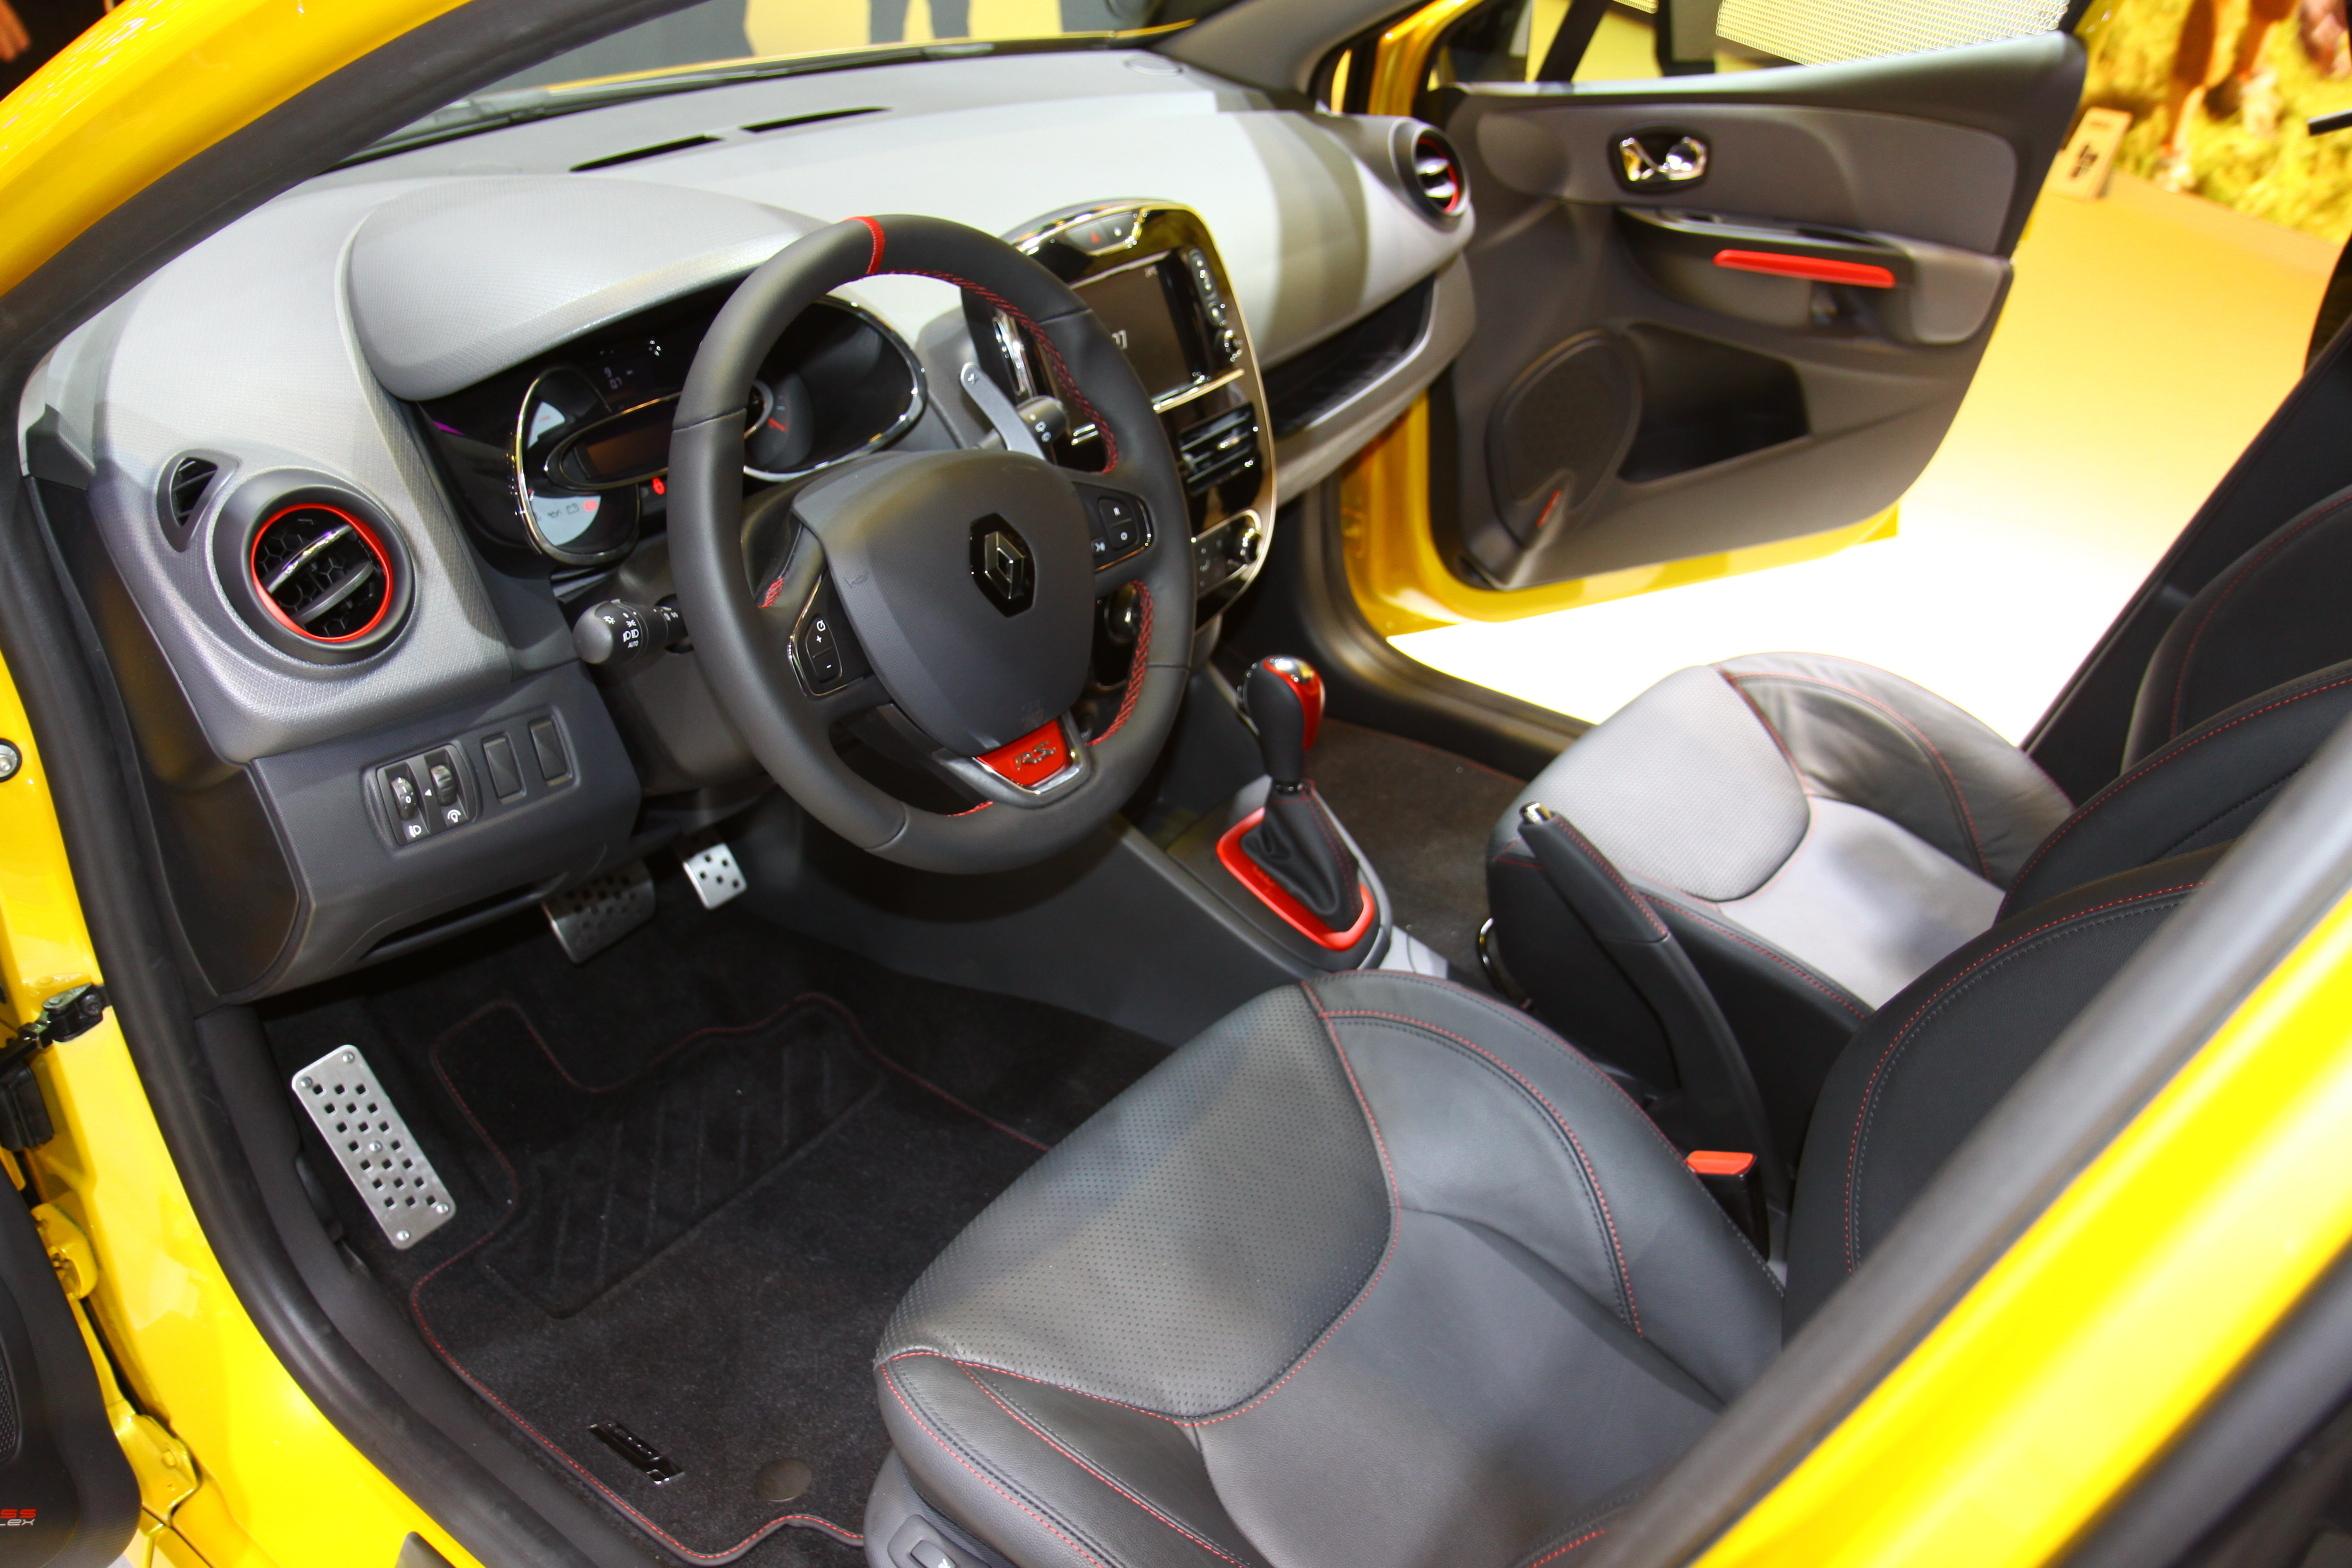 Souvent en direct du Mondial de l'Auto - Renault Clio 4 R.S : du souffle ! MY58